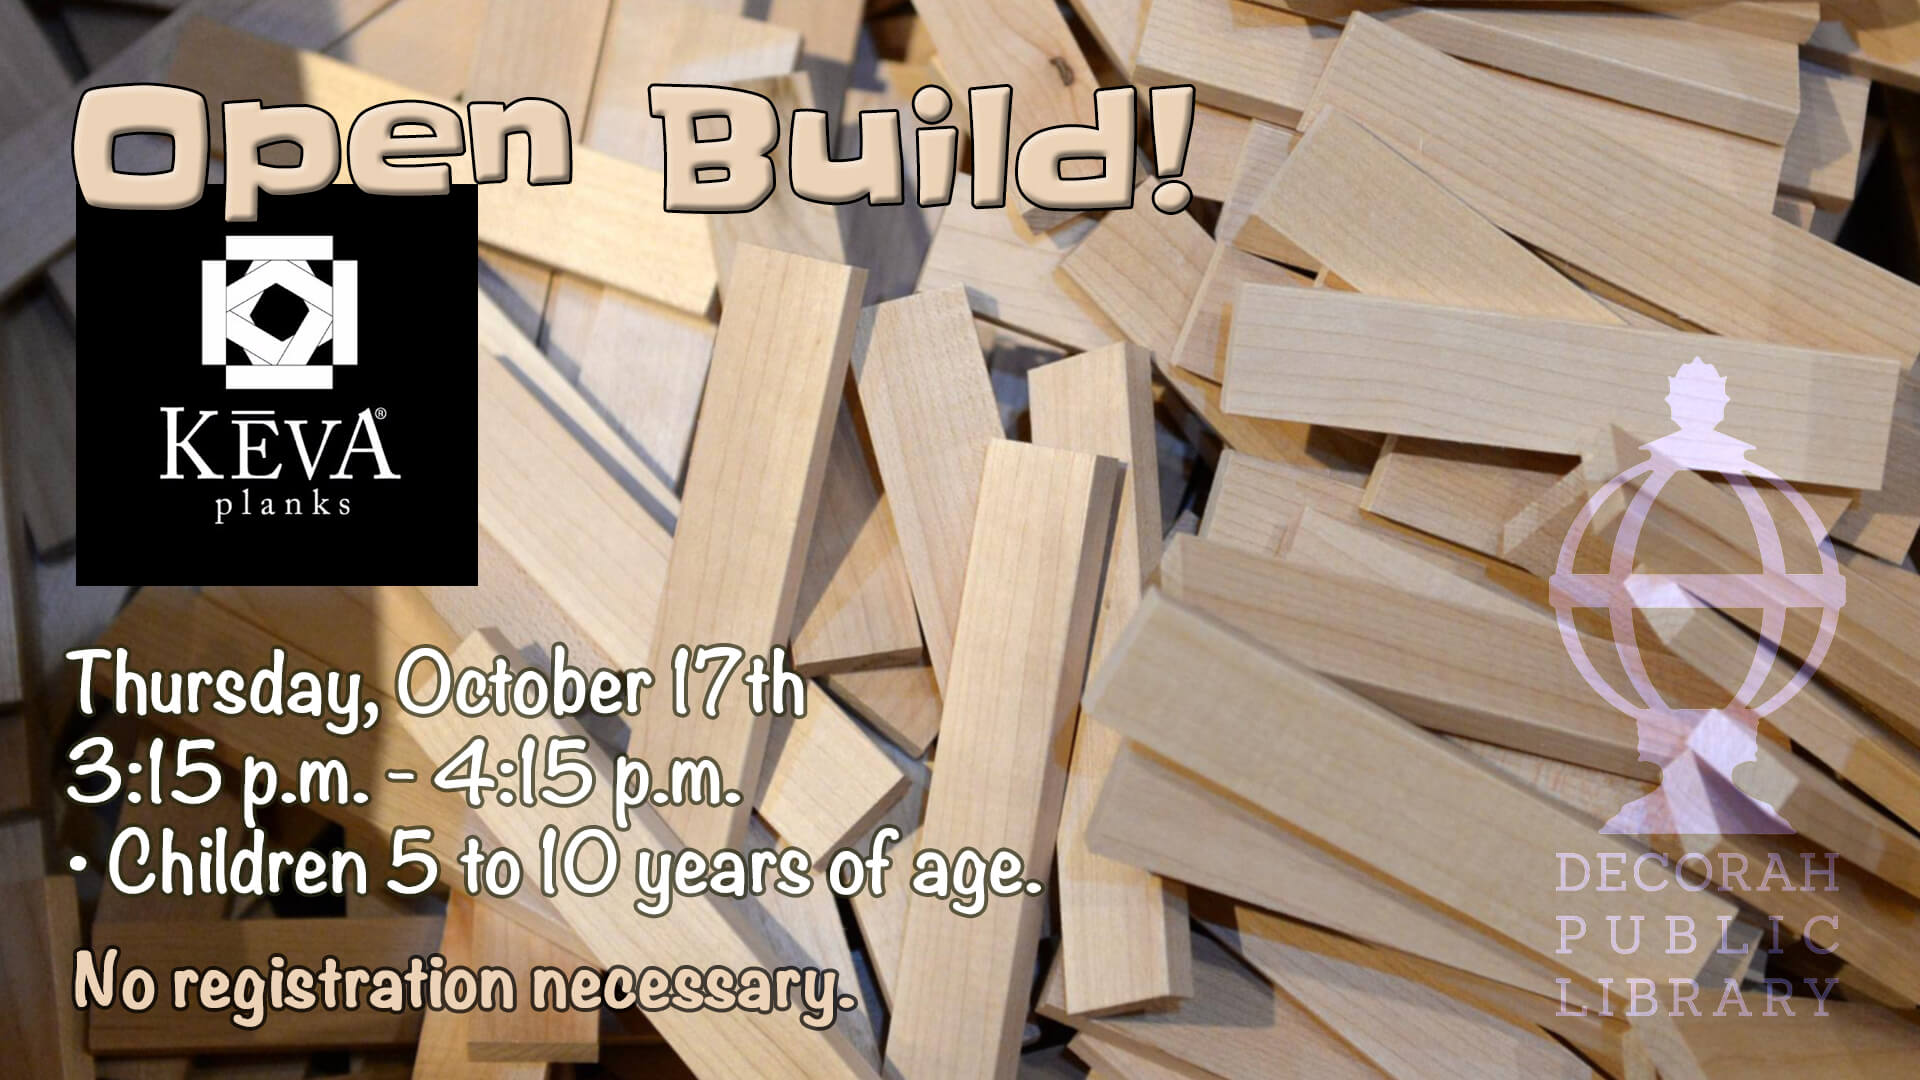 Open Build Oct 17